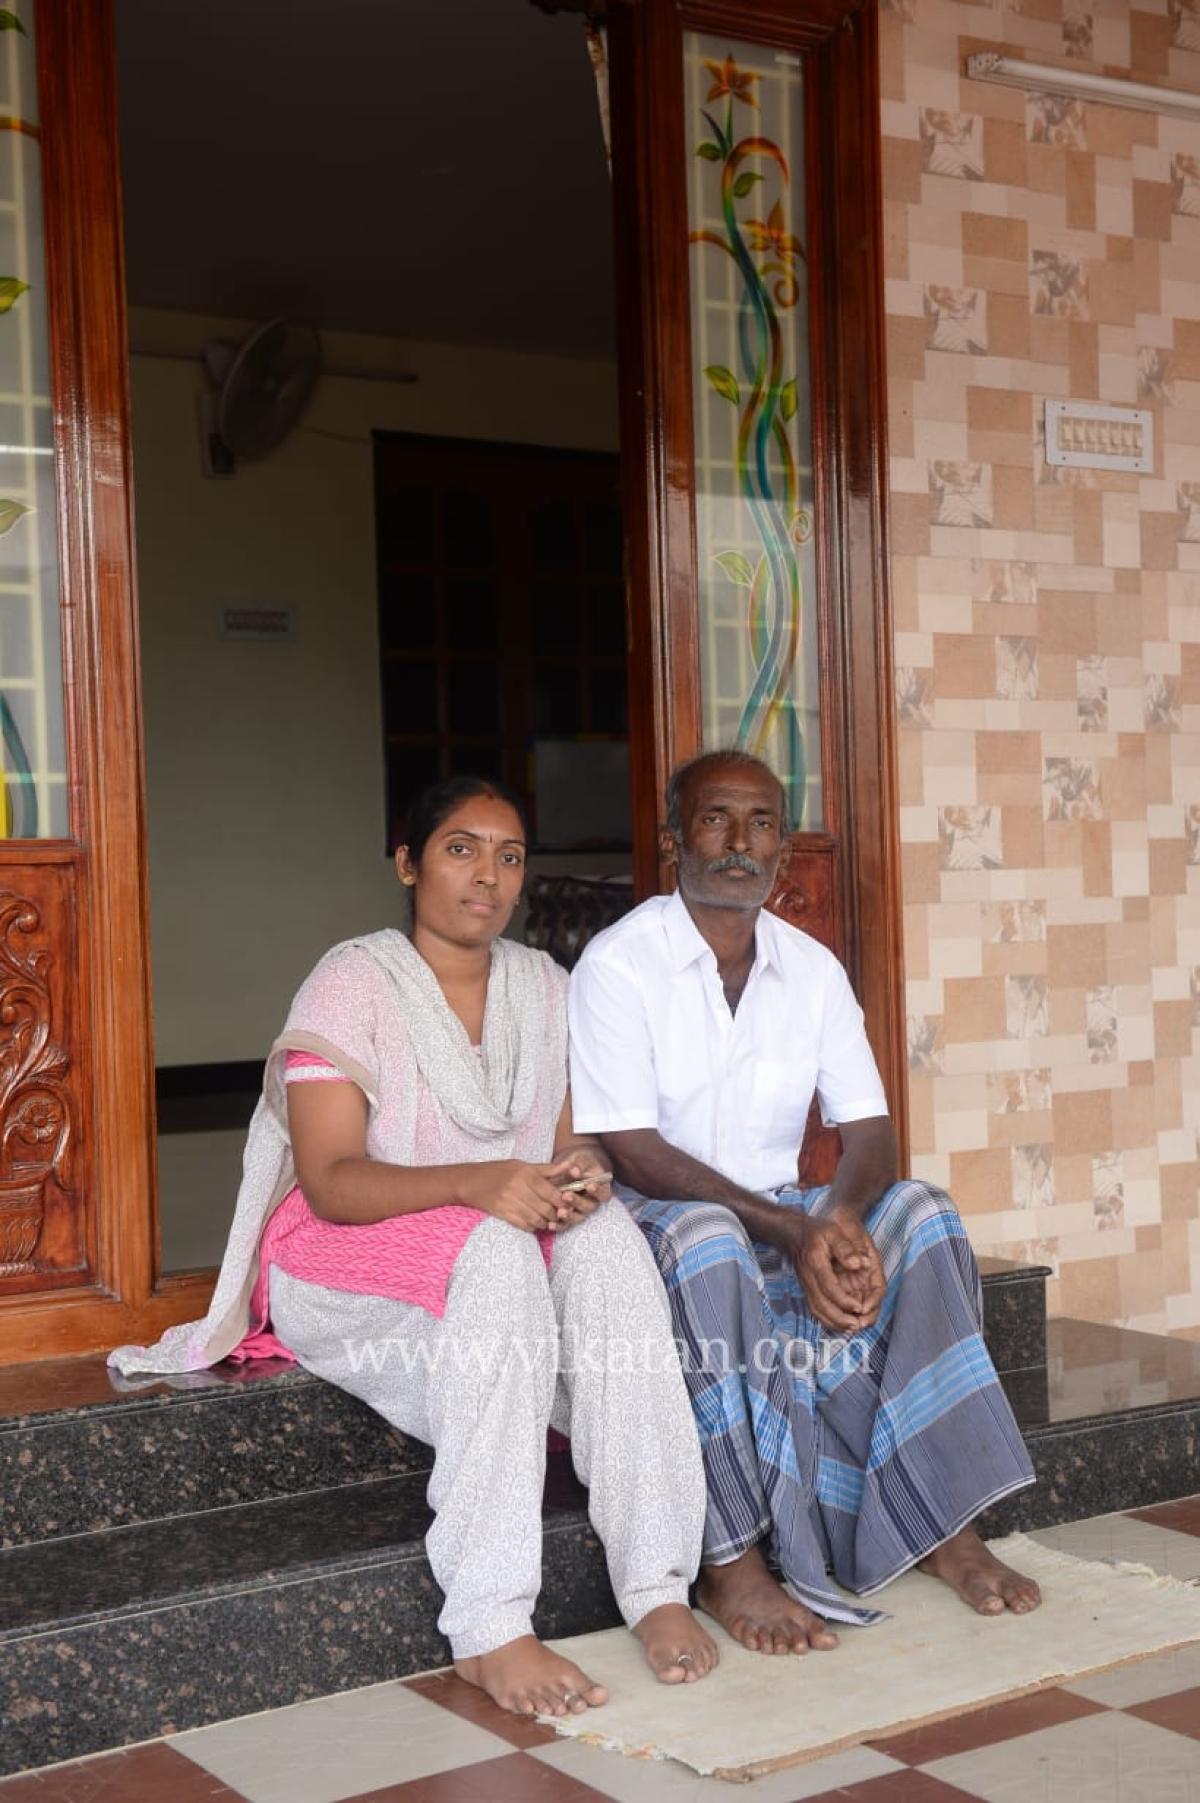 ரகுவின் அப்பா மற்றும் தங்கை